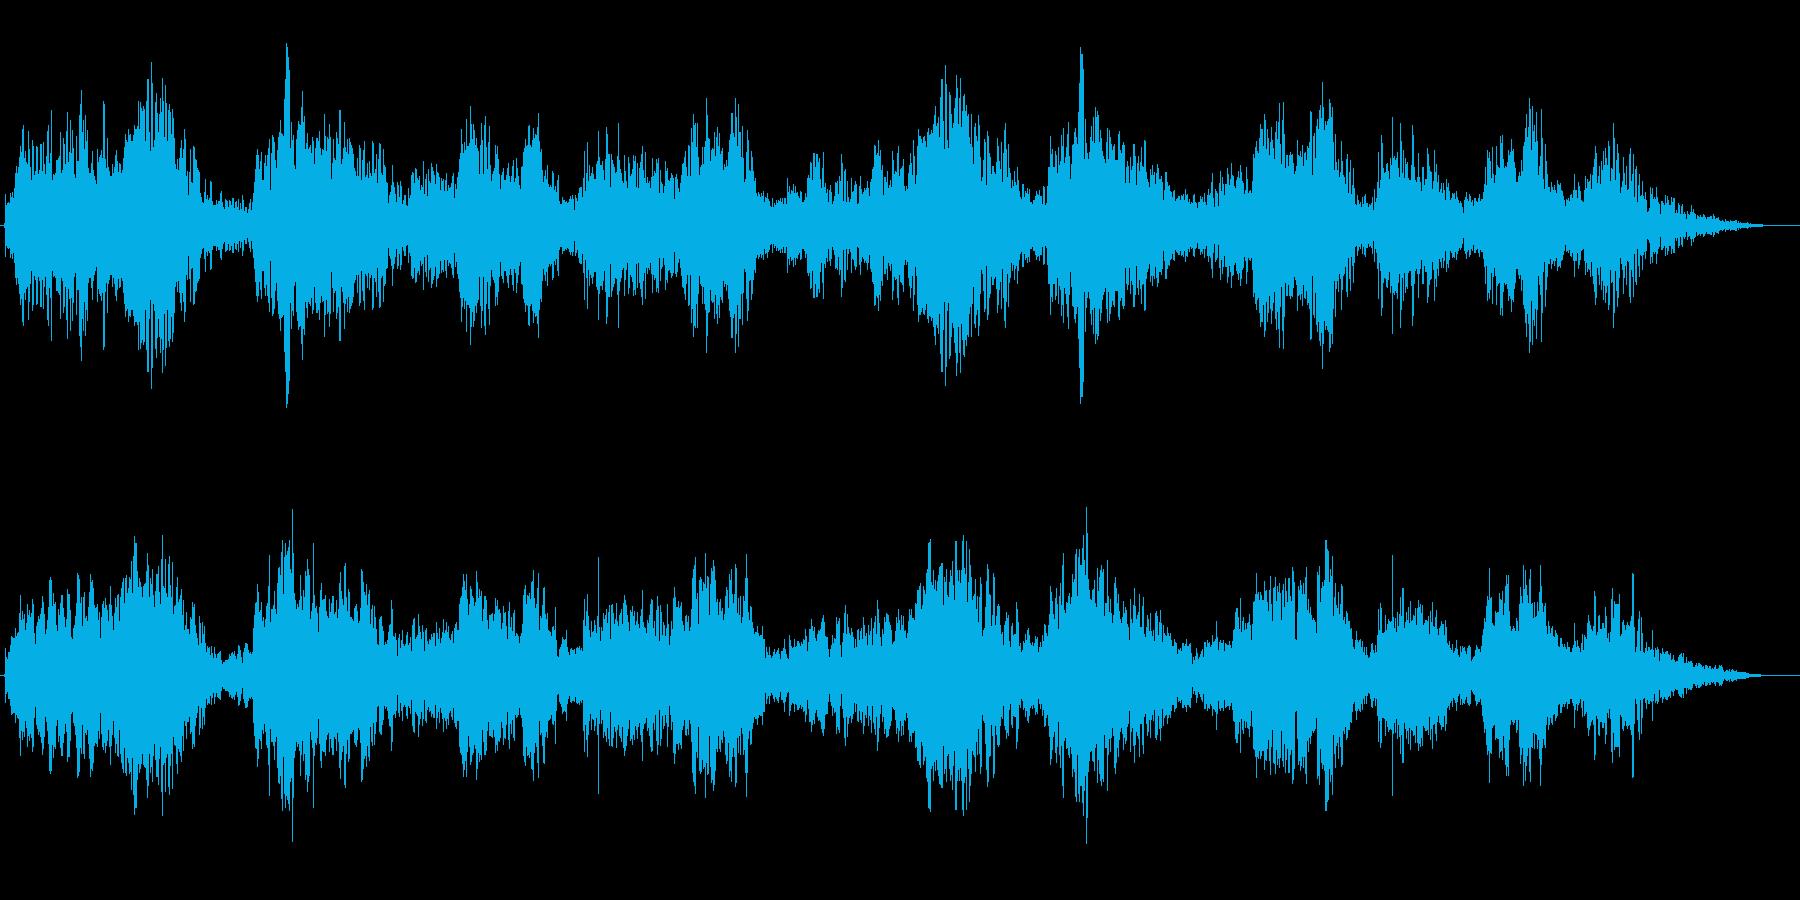 尺八による神秘的で禅を彷彿とさせる音風景の再生済みの波形